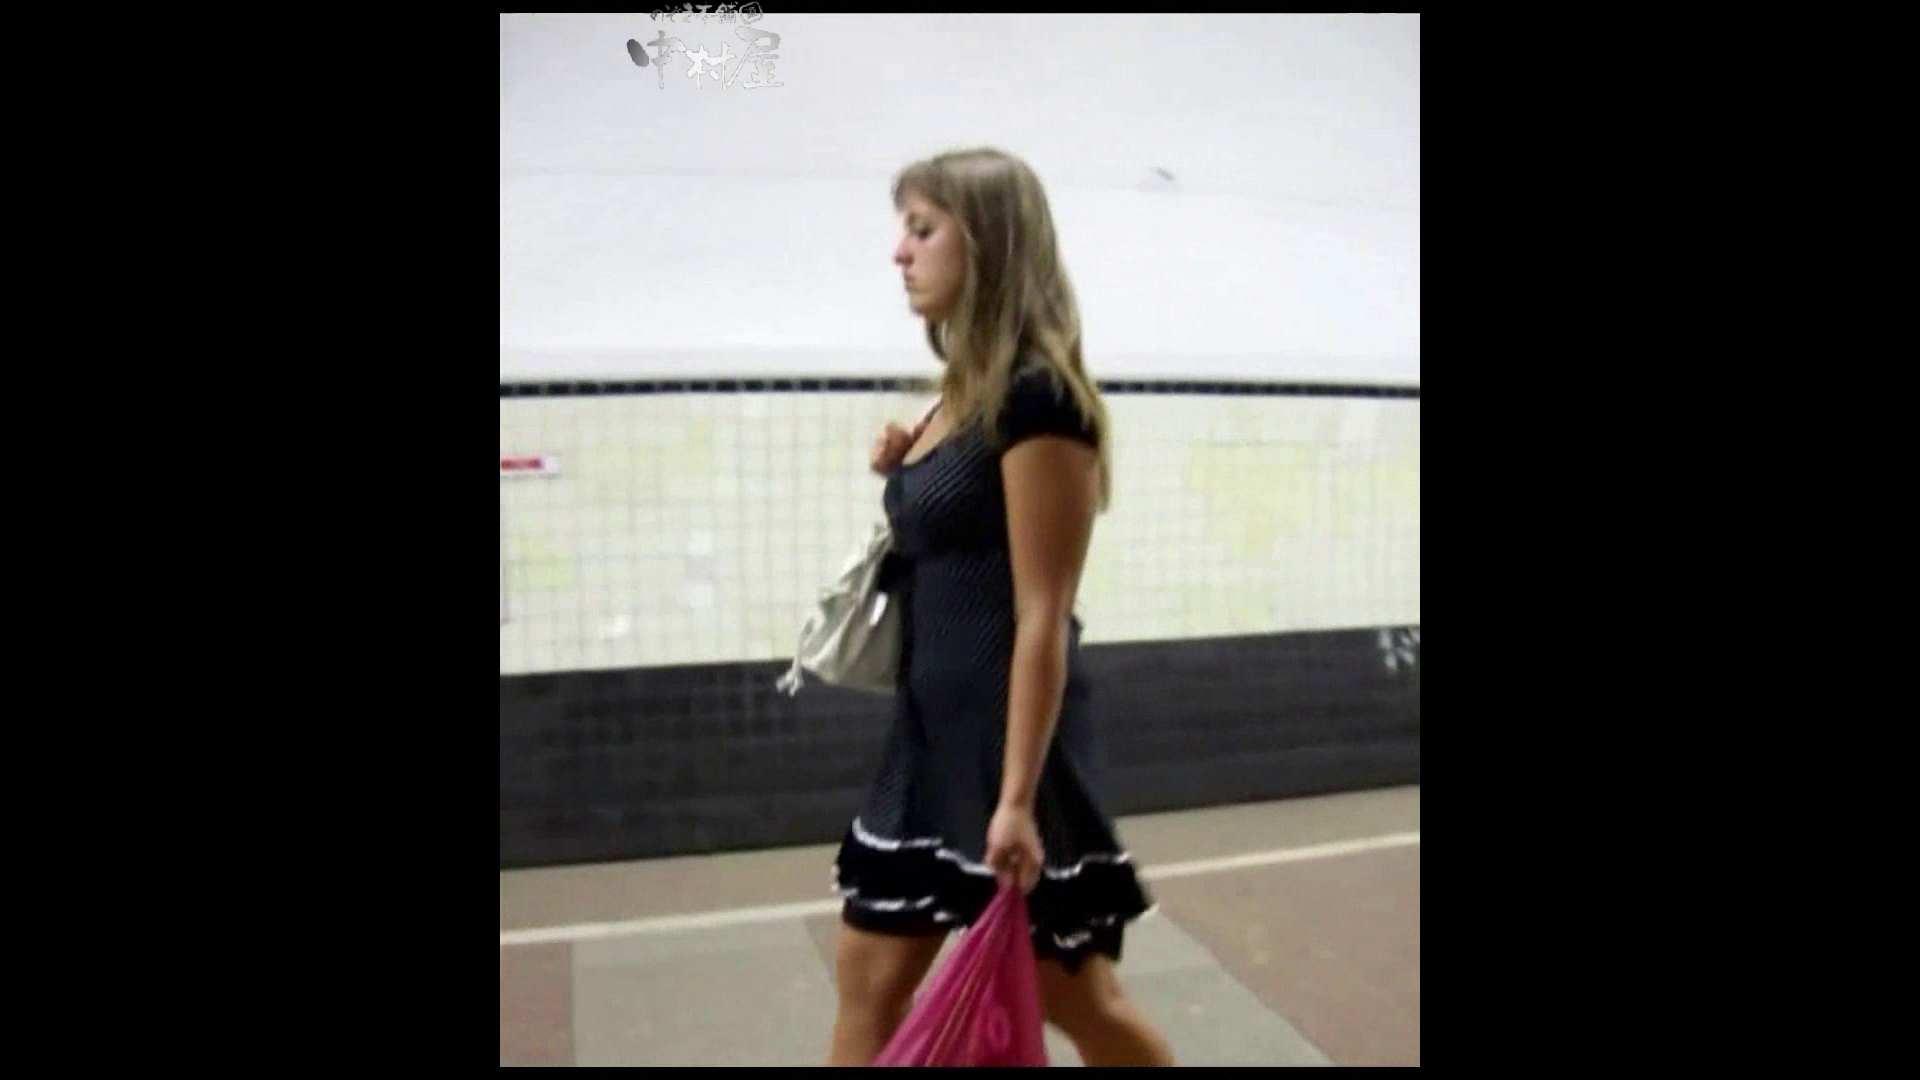 綺麗なモデルさんのスカート捲っちゃおう‼ vol13 お姉さん われめAV動画紹介 16連発 14